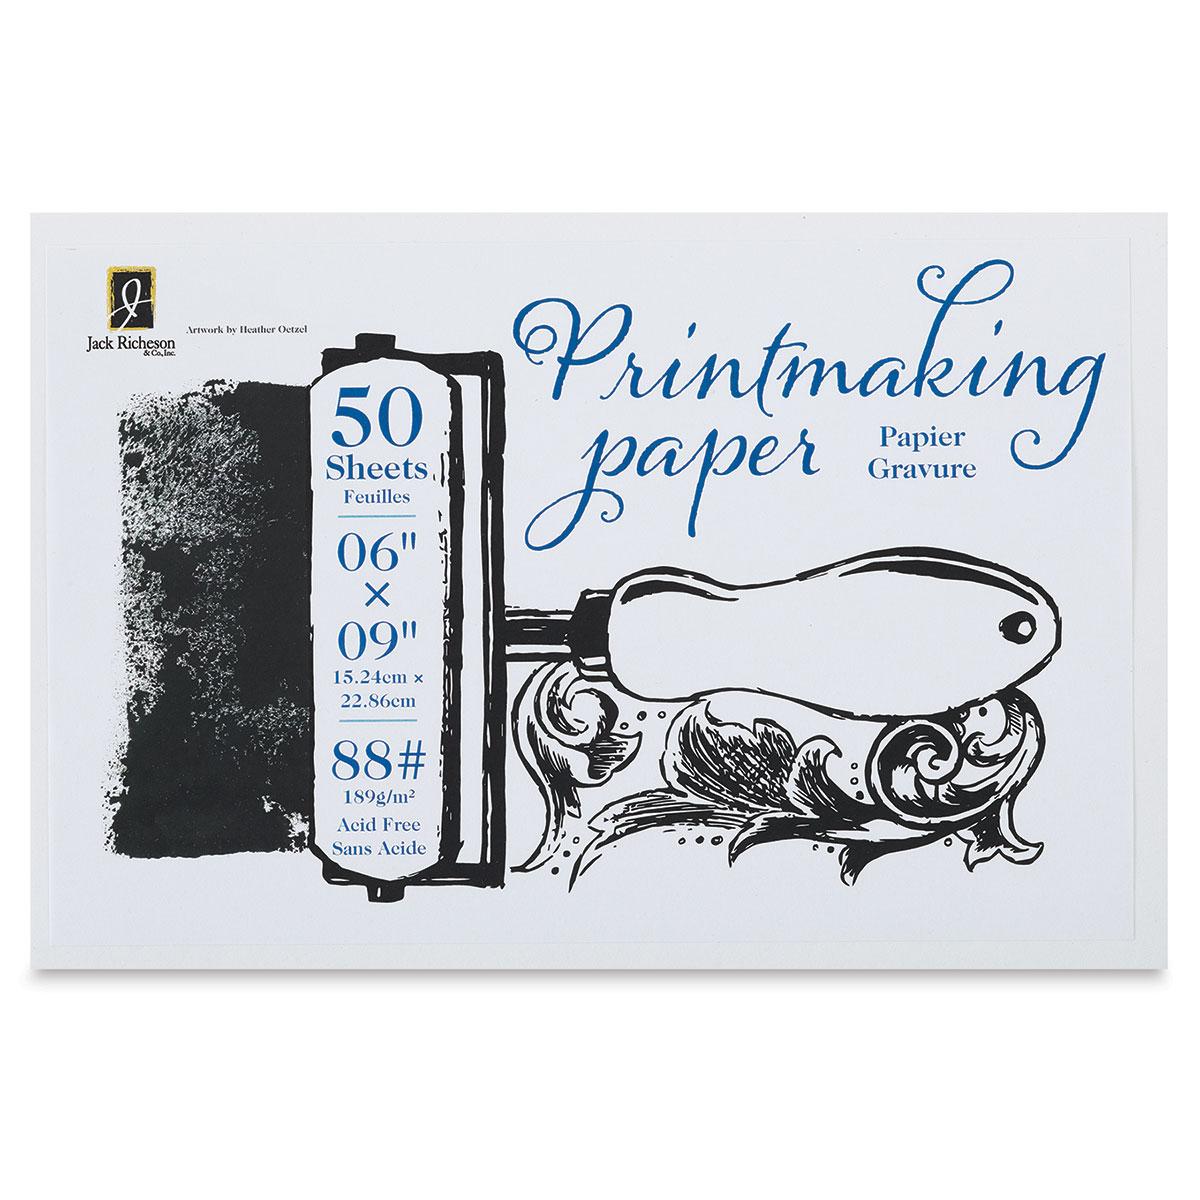 Richeson Bulk Printmaking Paper - 6'' x 9'', 50 Sheets, 88 lb